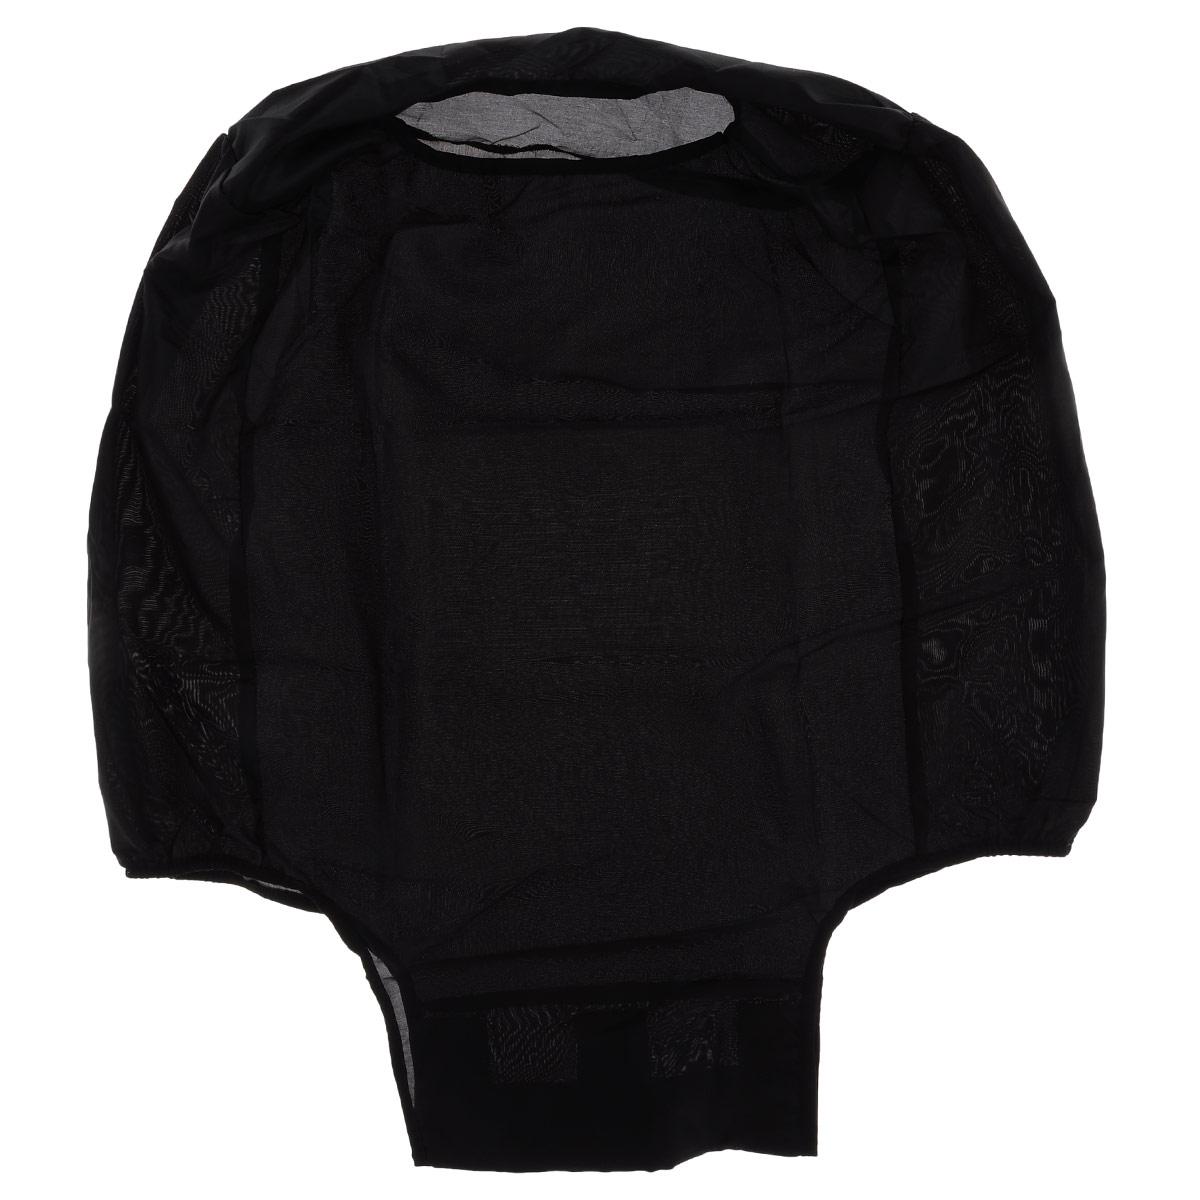 Чехол защитный для чемодана Eva, цвет: черный, 62 см х 42 см х 28 см чехол для сноуборда dakine freestyle цвет черный белый 30 х 16 х 157 см